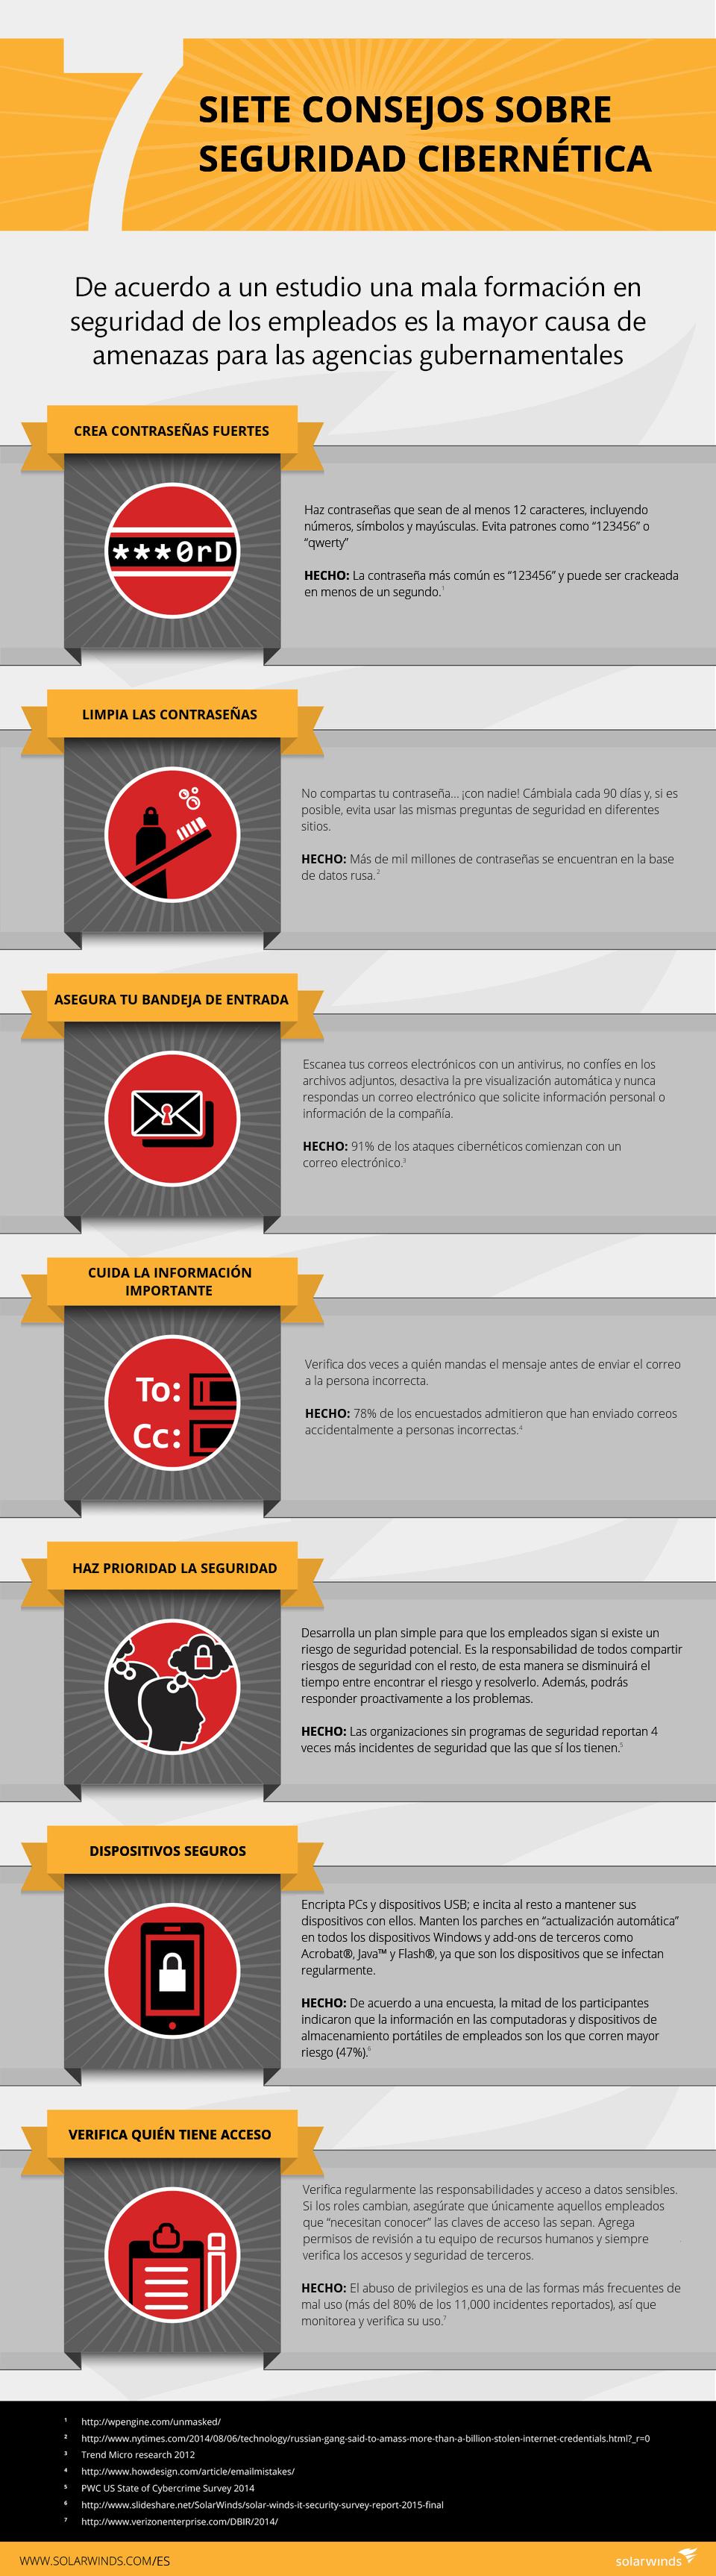 Infografía con consejos sobre seguridad informática